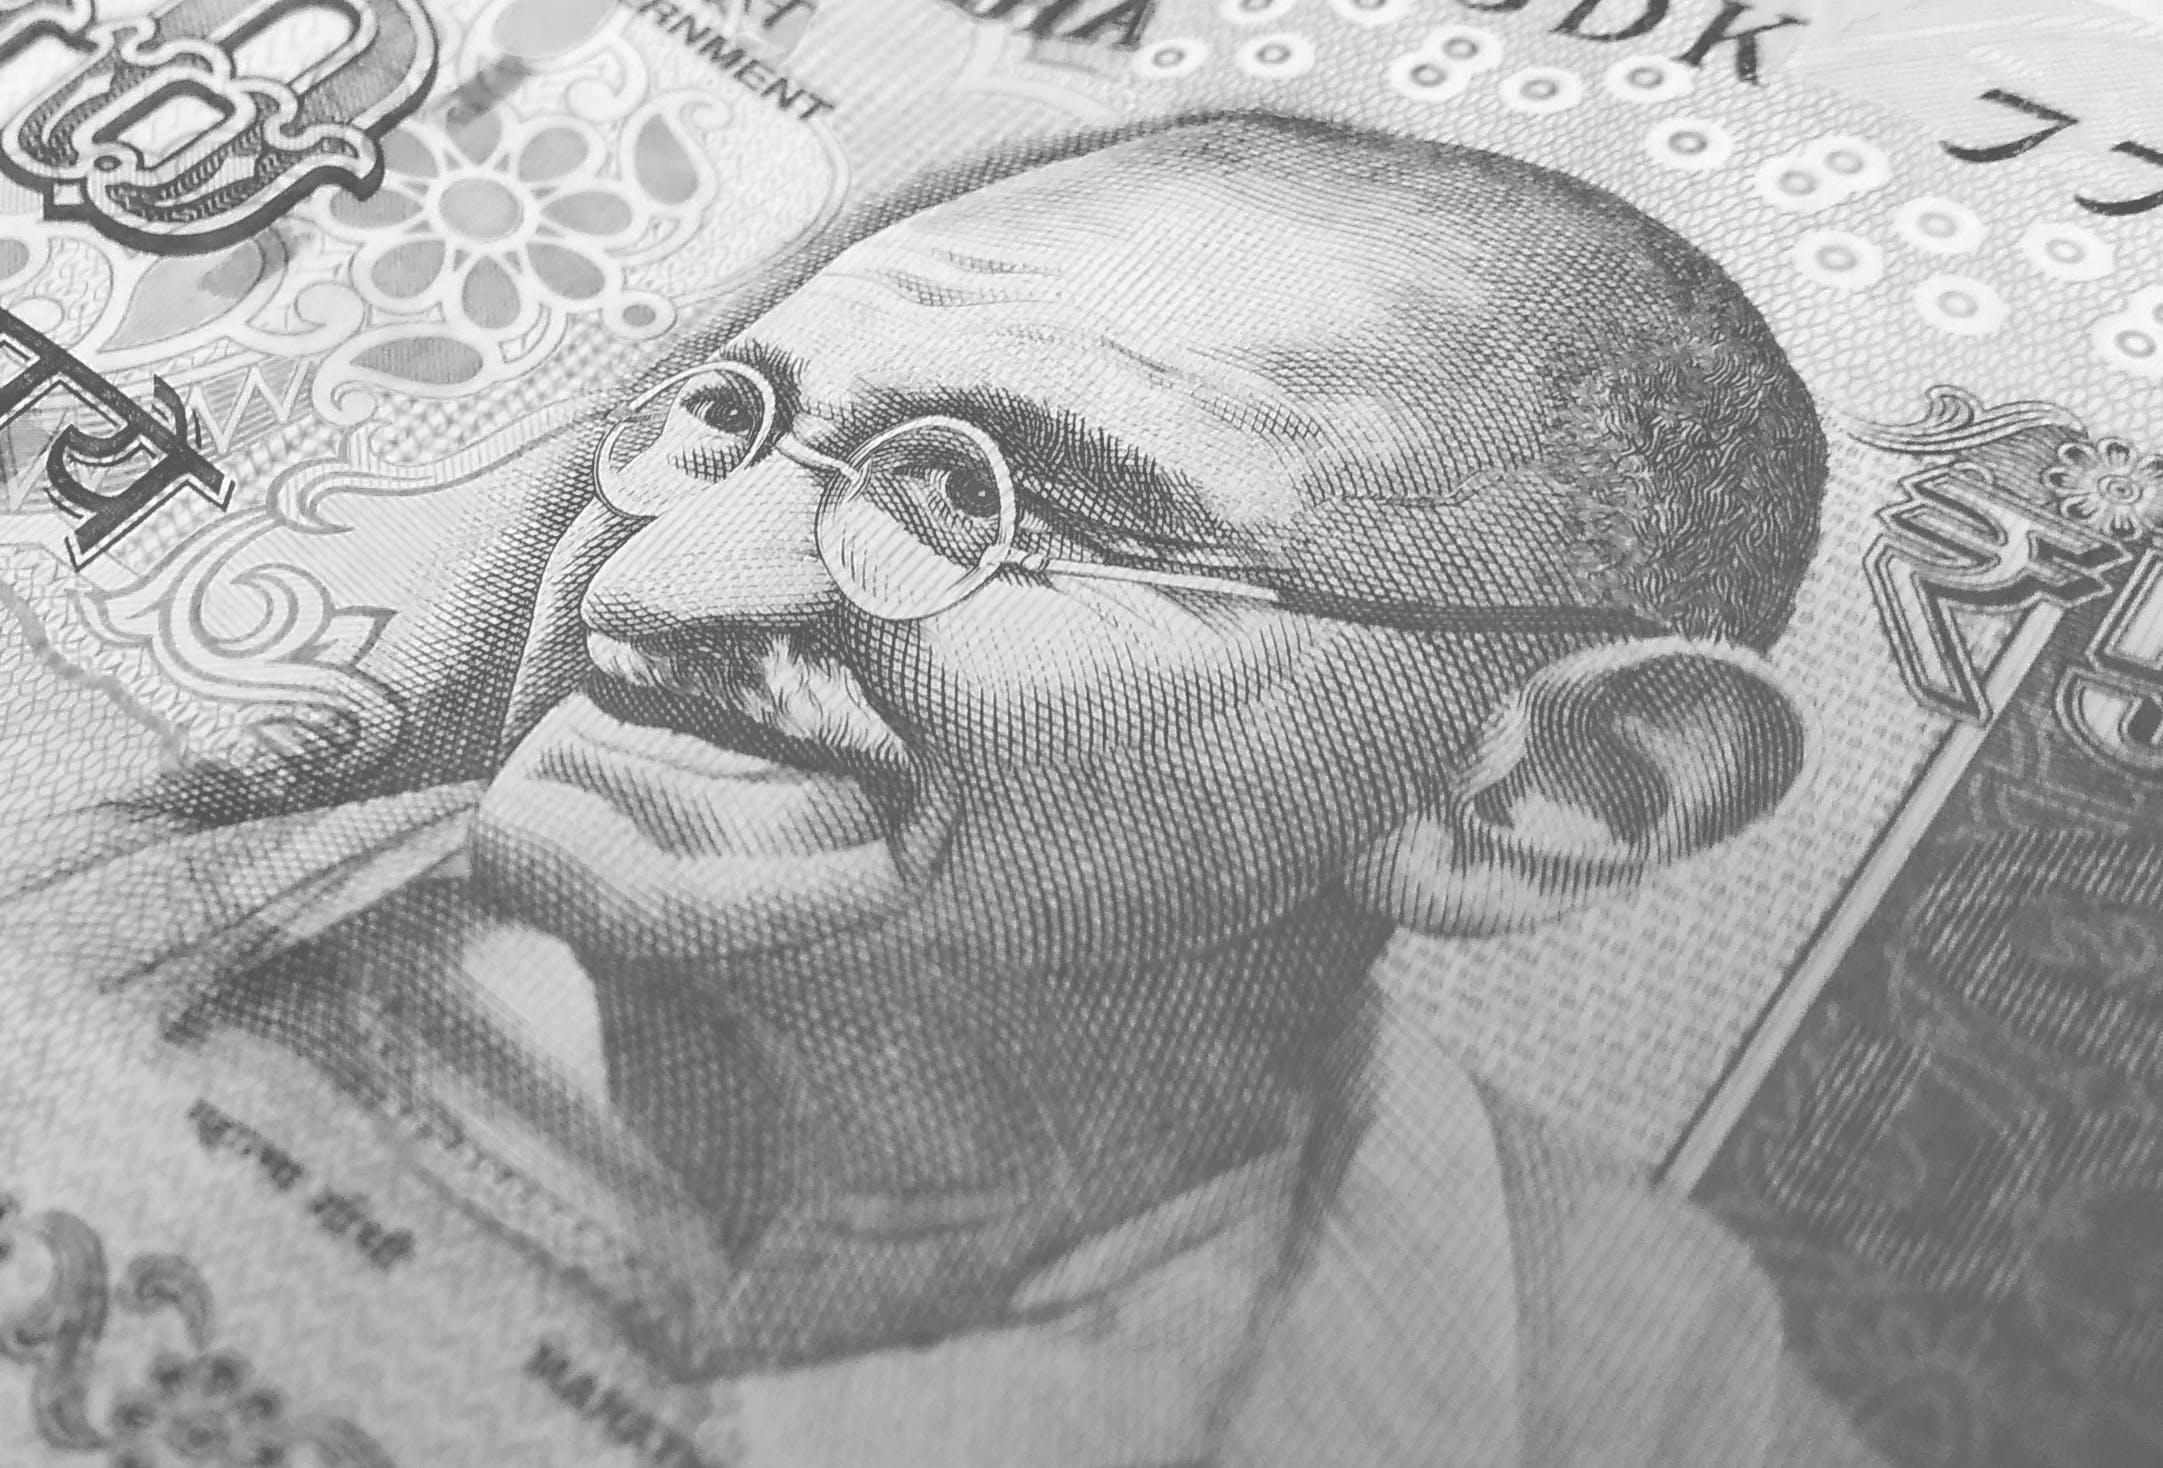 Kostenloses Stock Foto zu asiatisch, banknote, einfarbig, ersparnisse